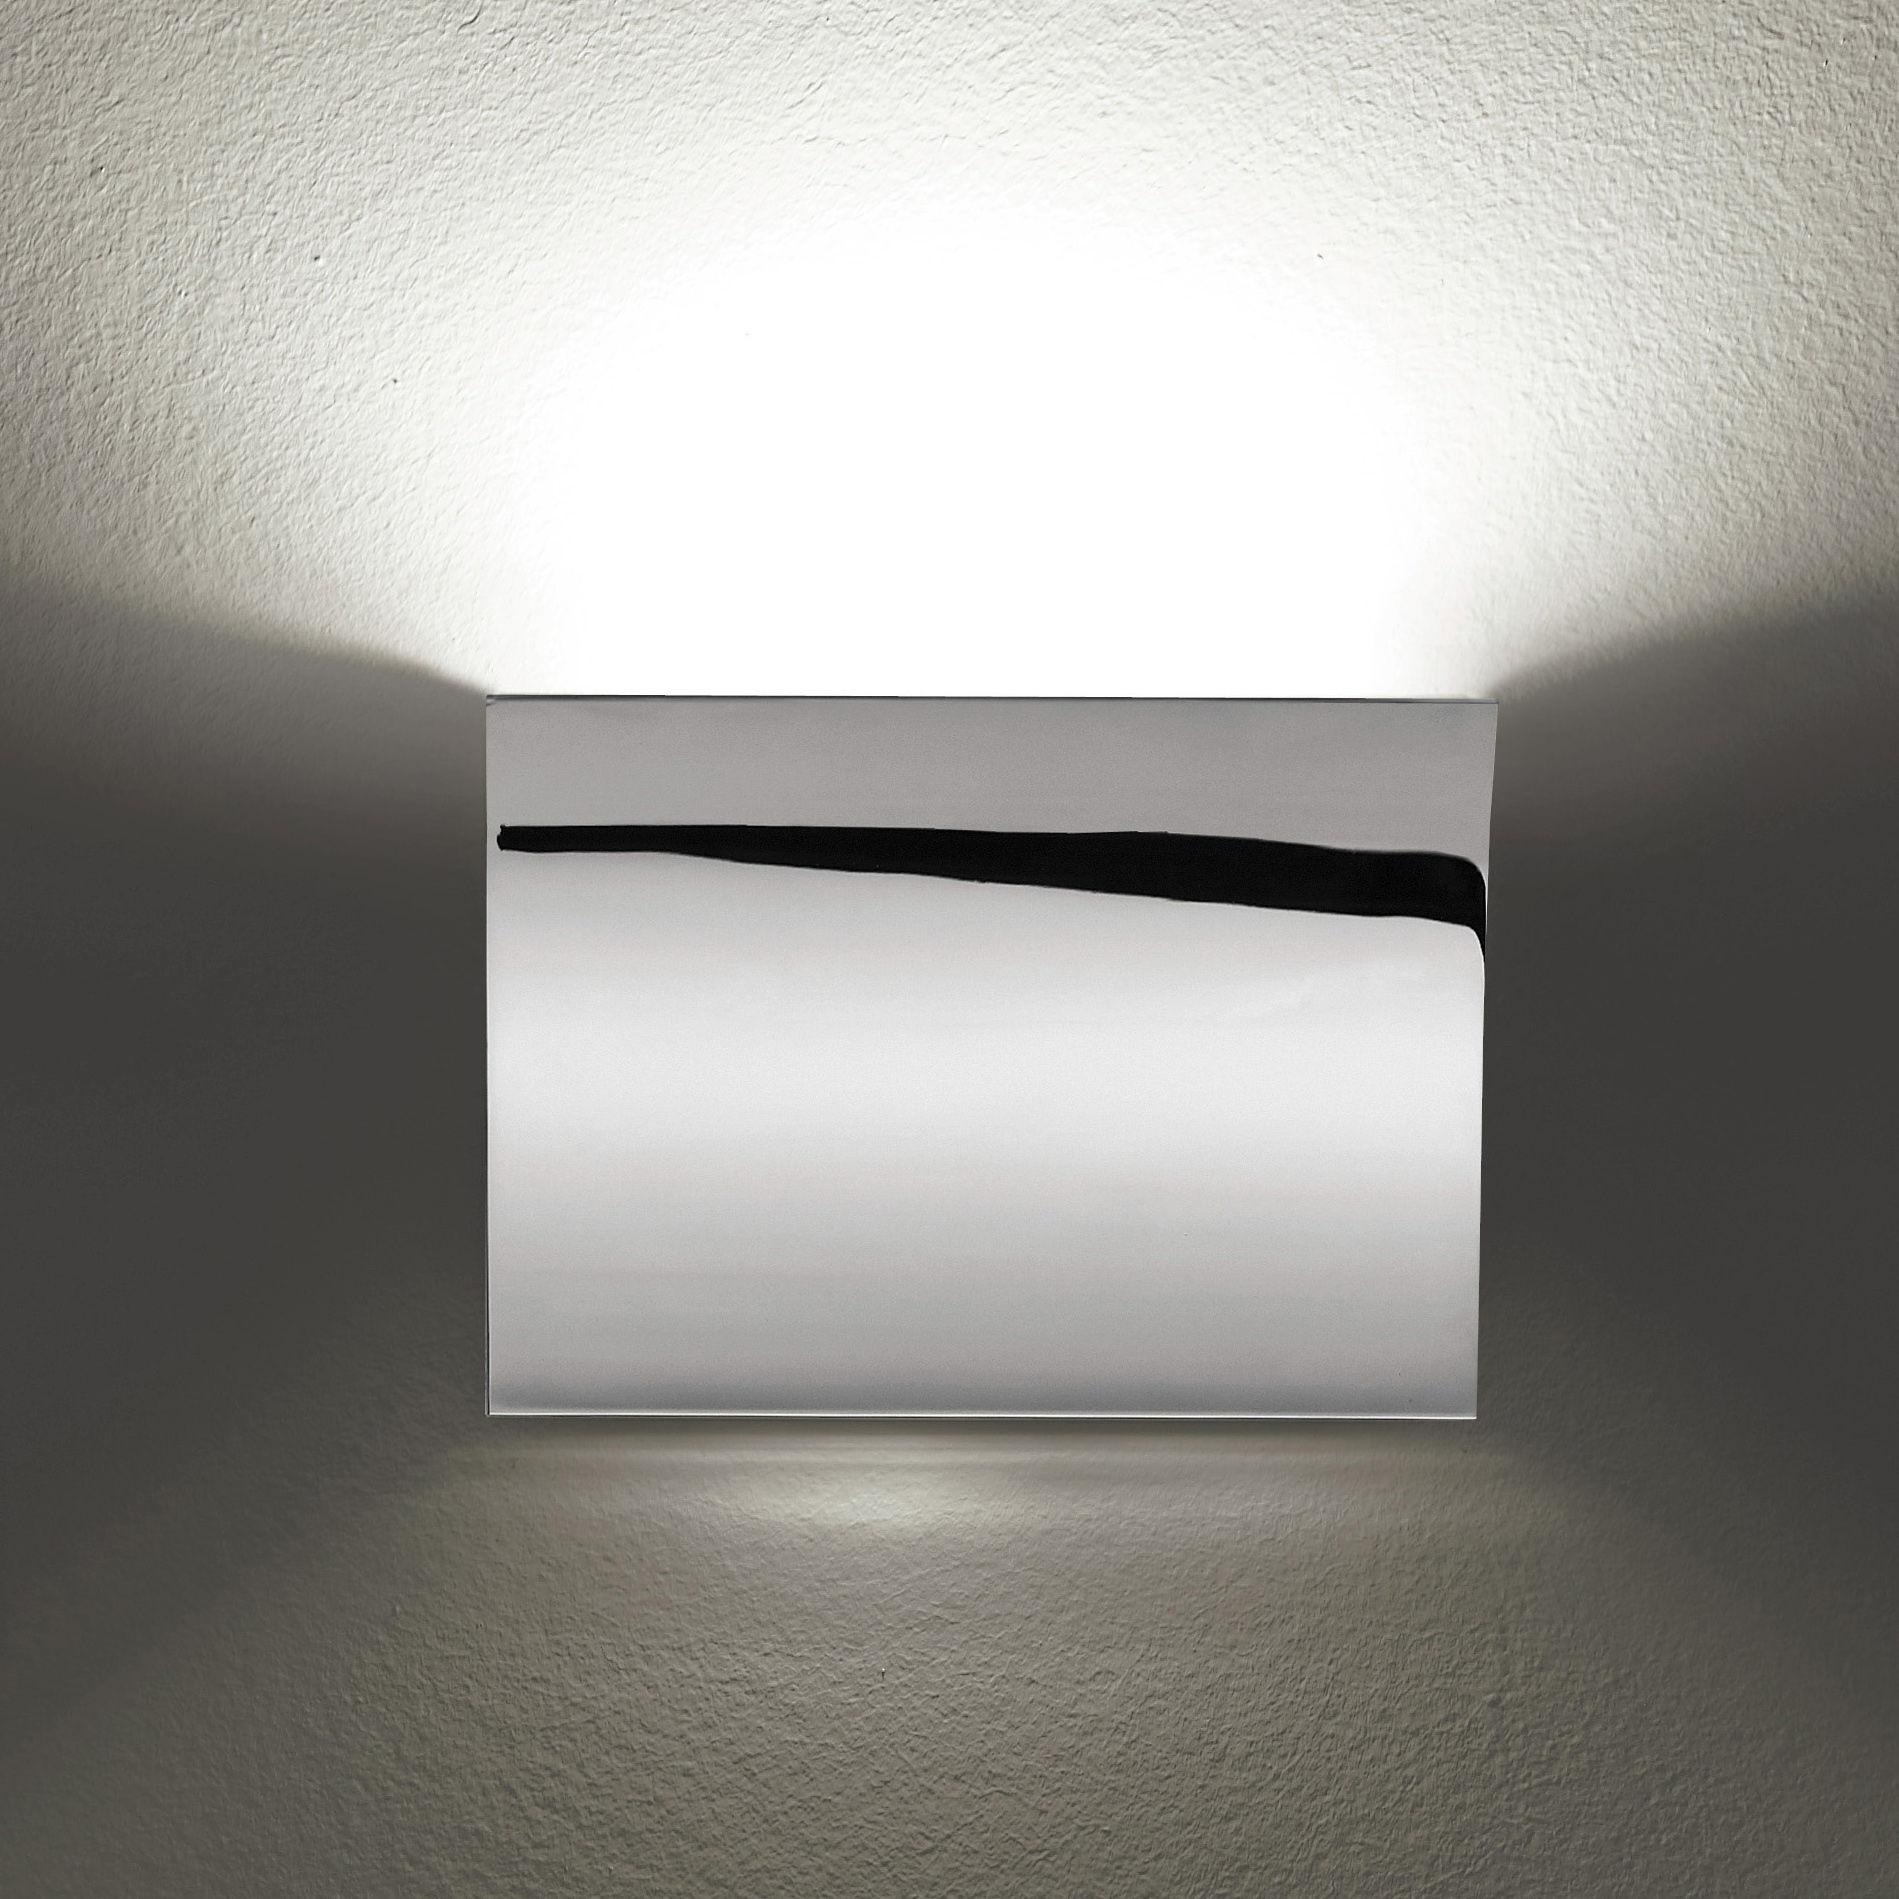 Luminaire - Appliques - Applique Pochette - Flos - Chrome - Zamac